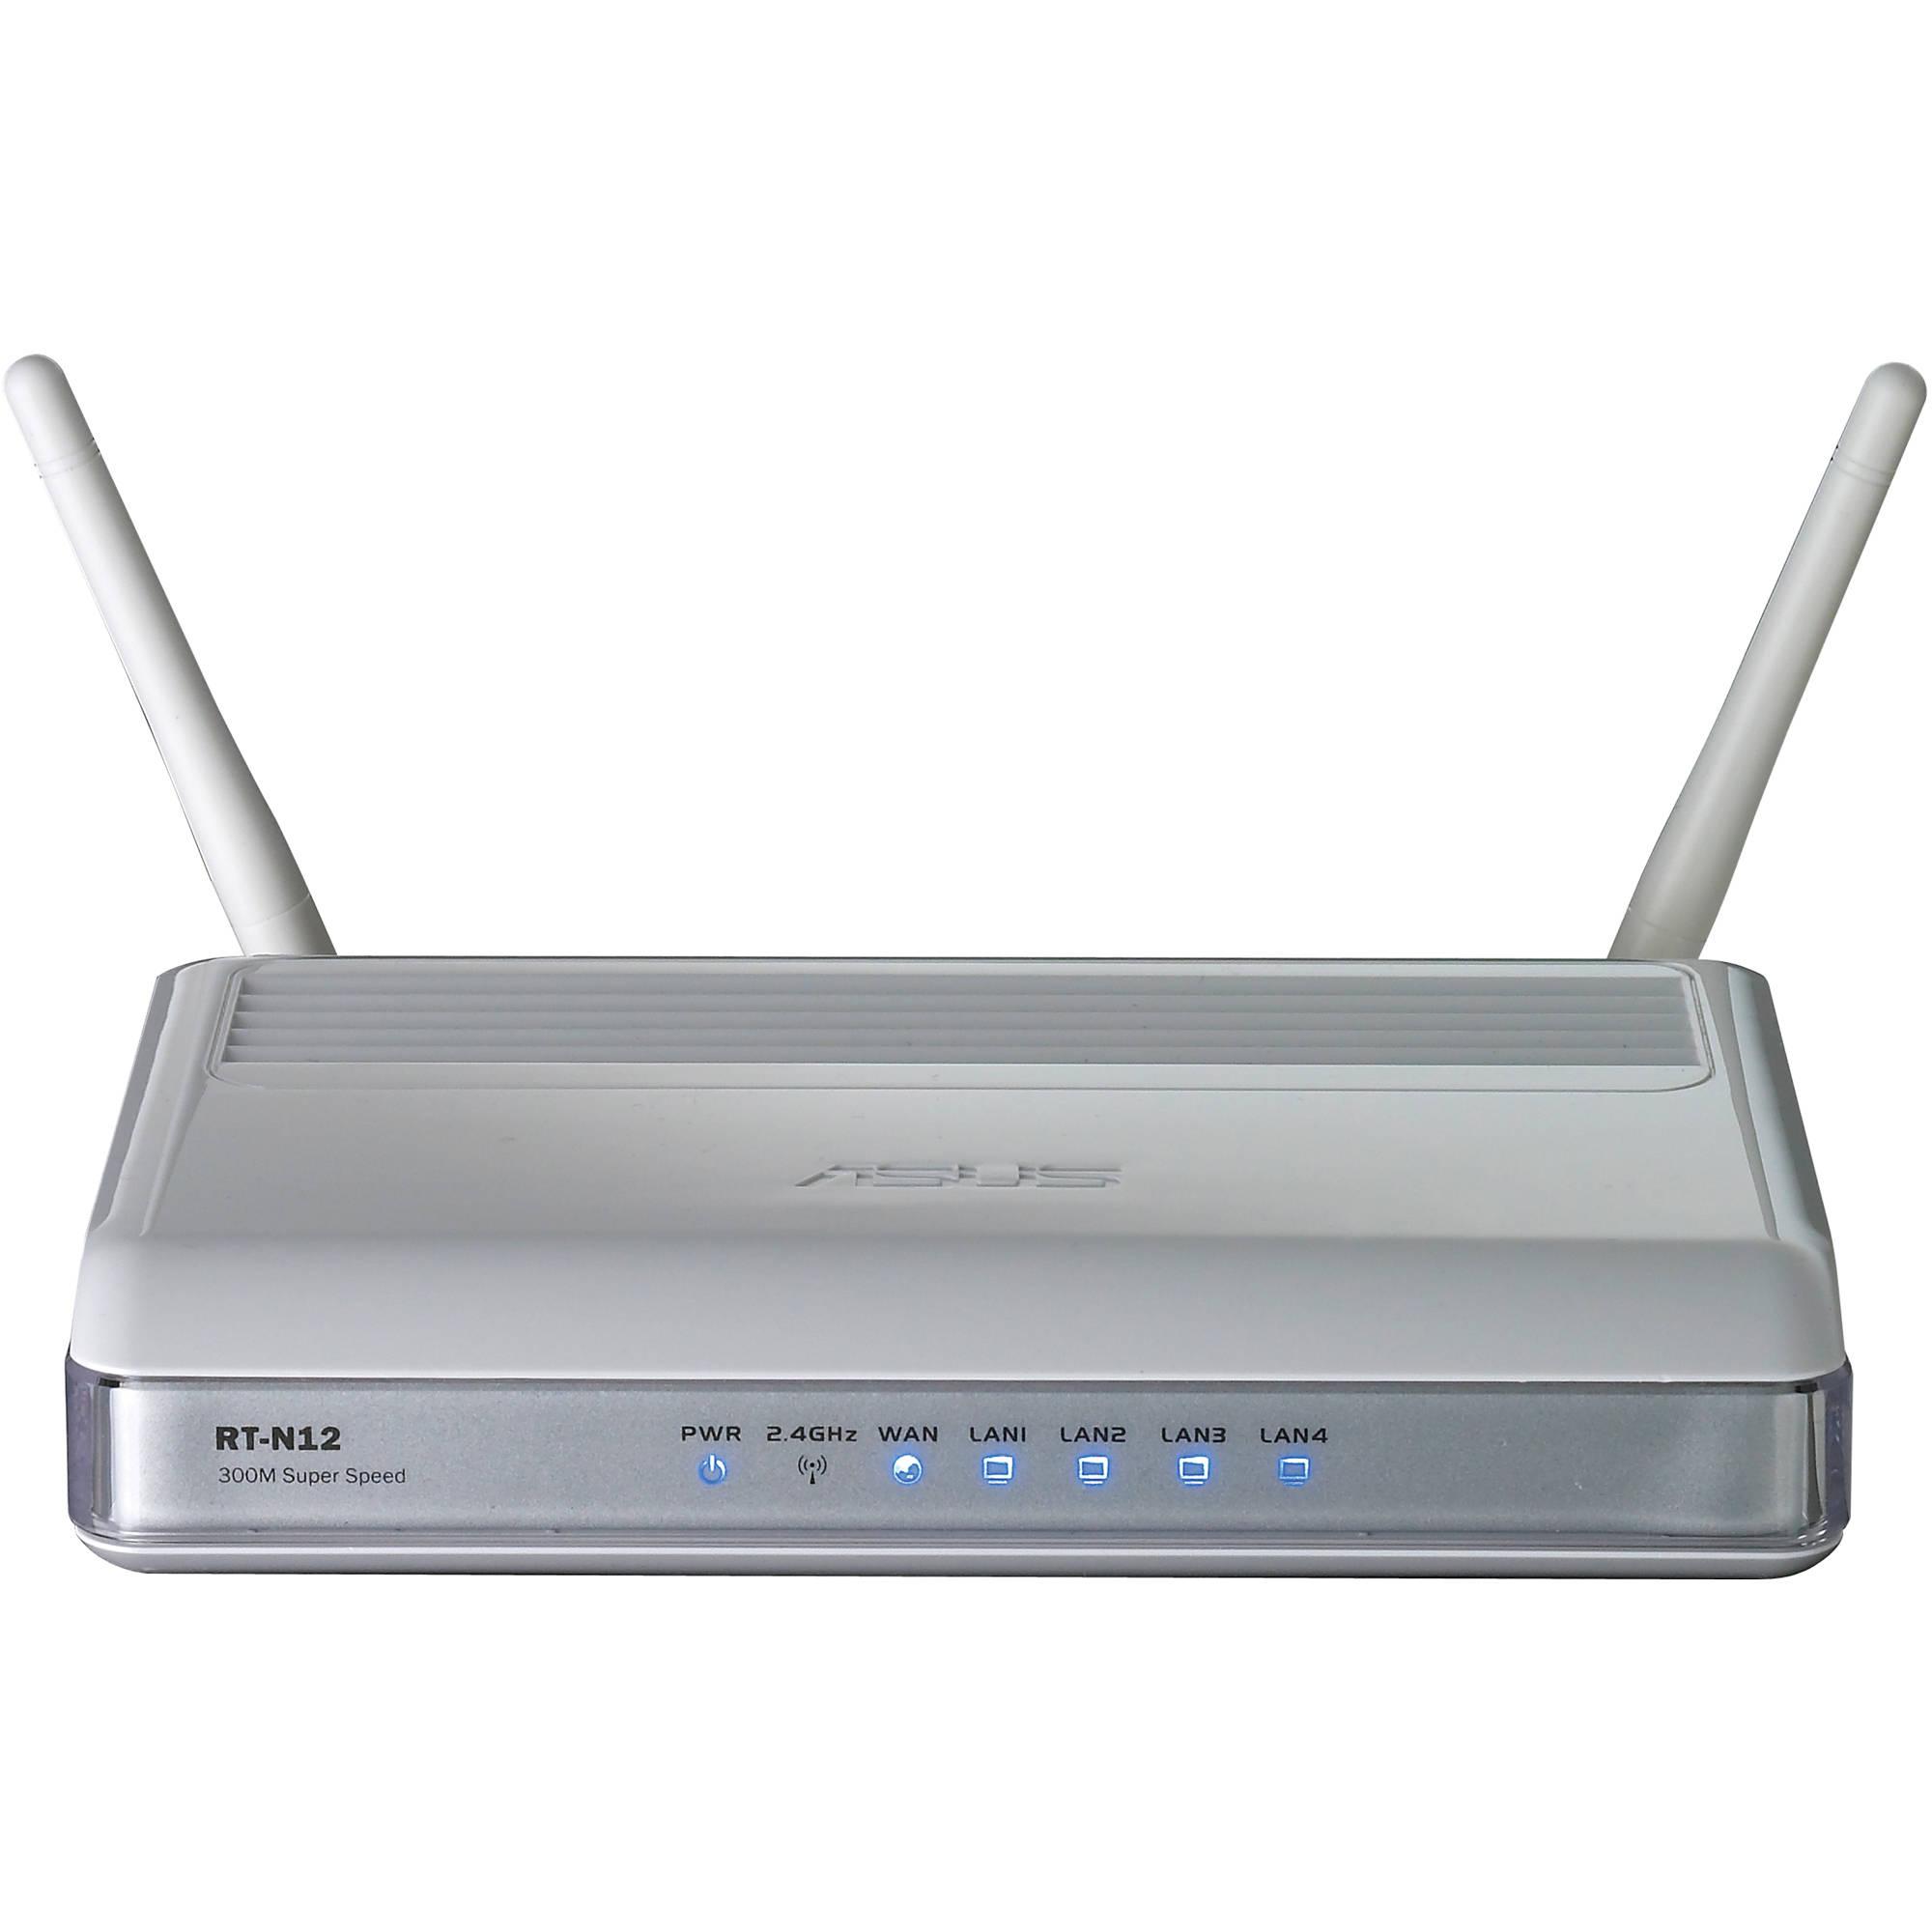 Драйвер для asus rt-n12 wireless n router